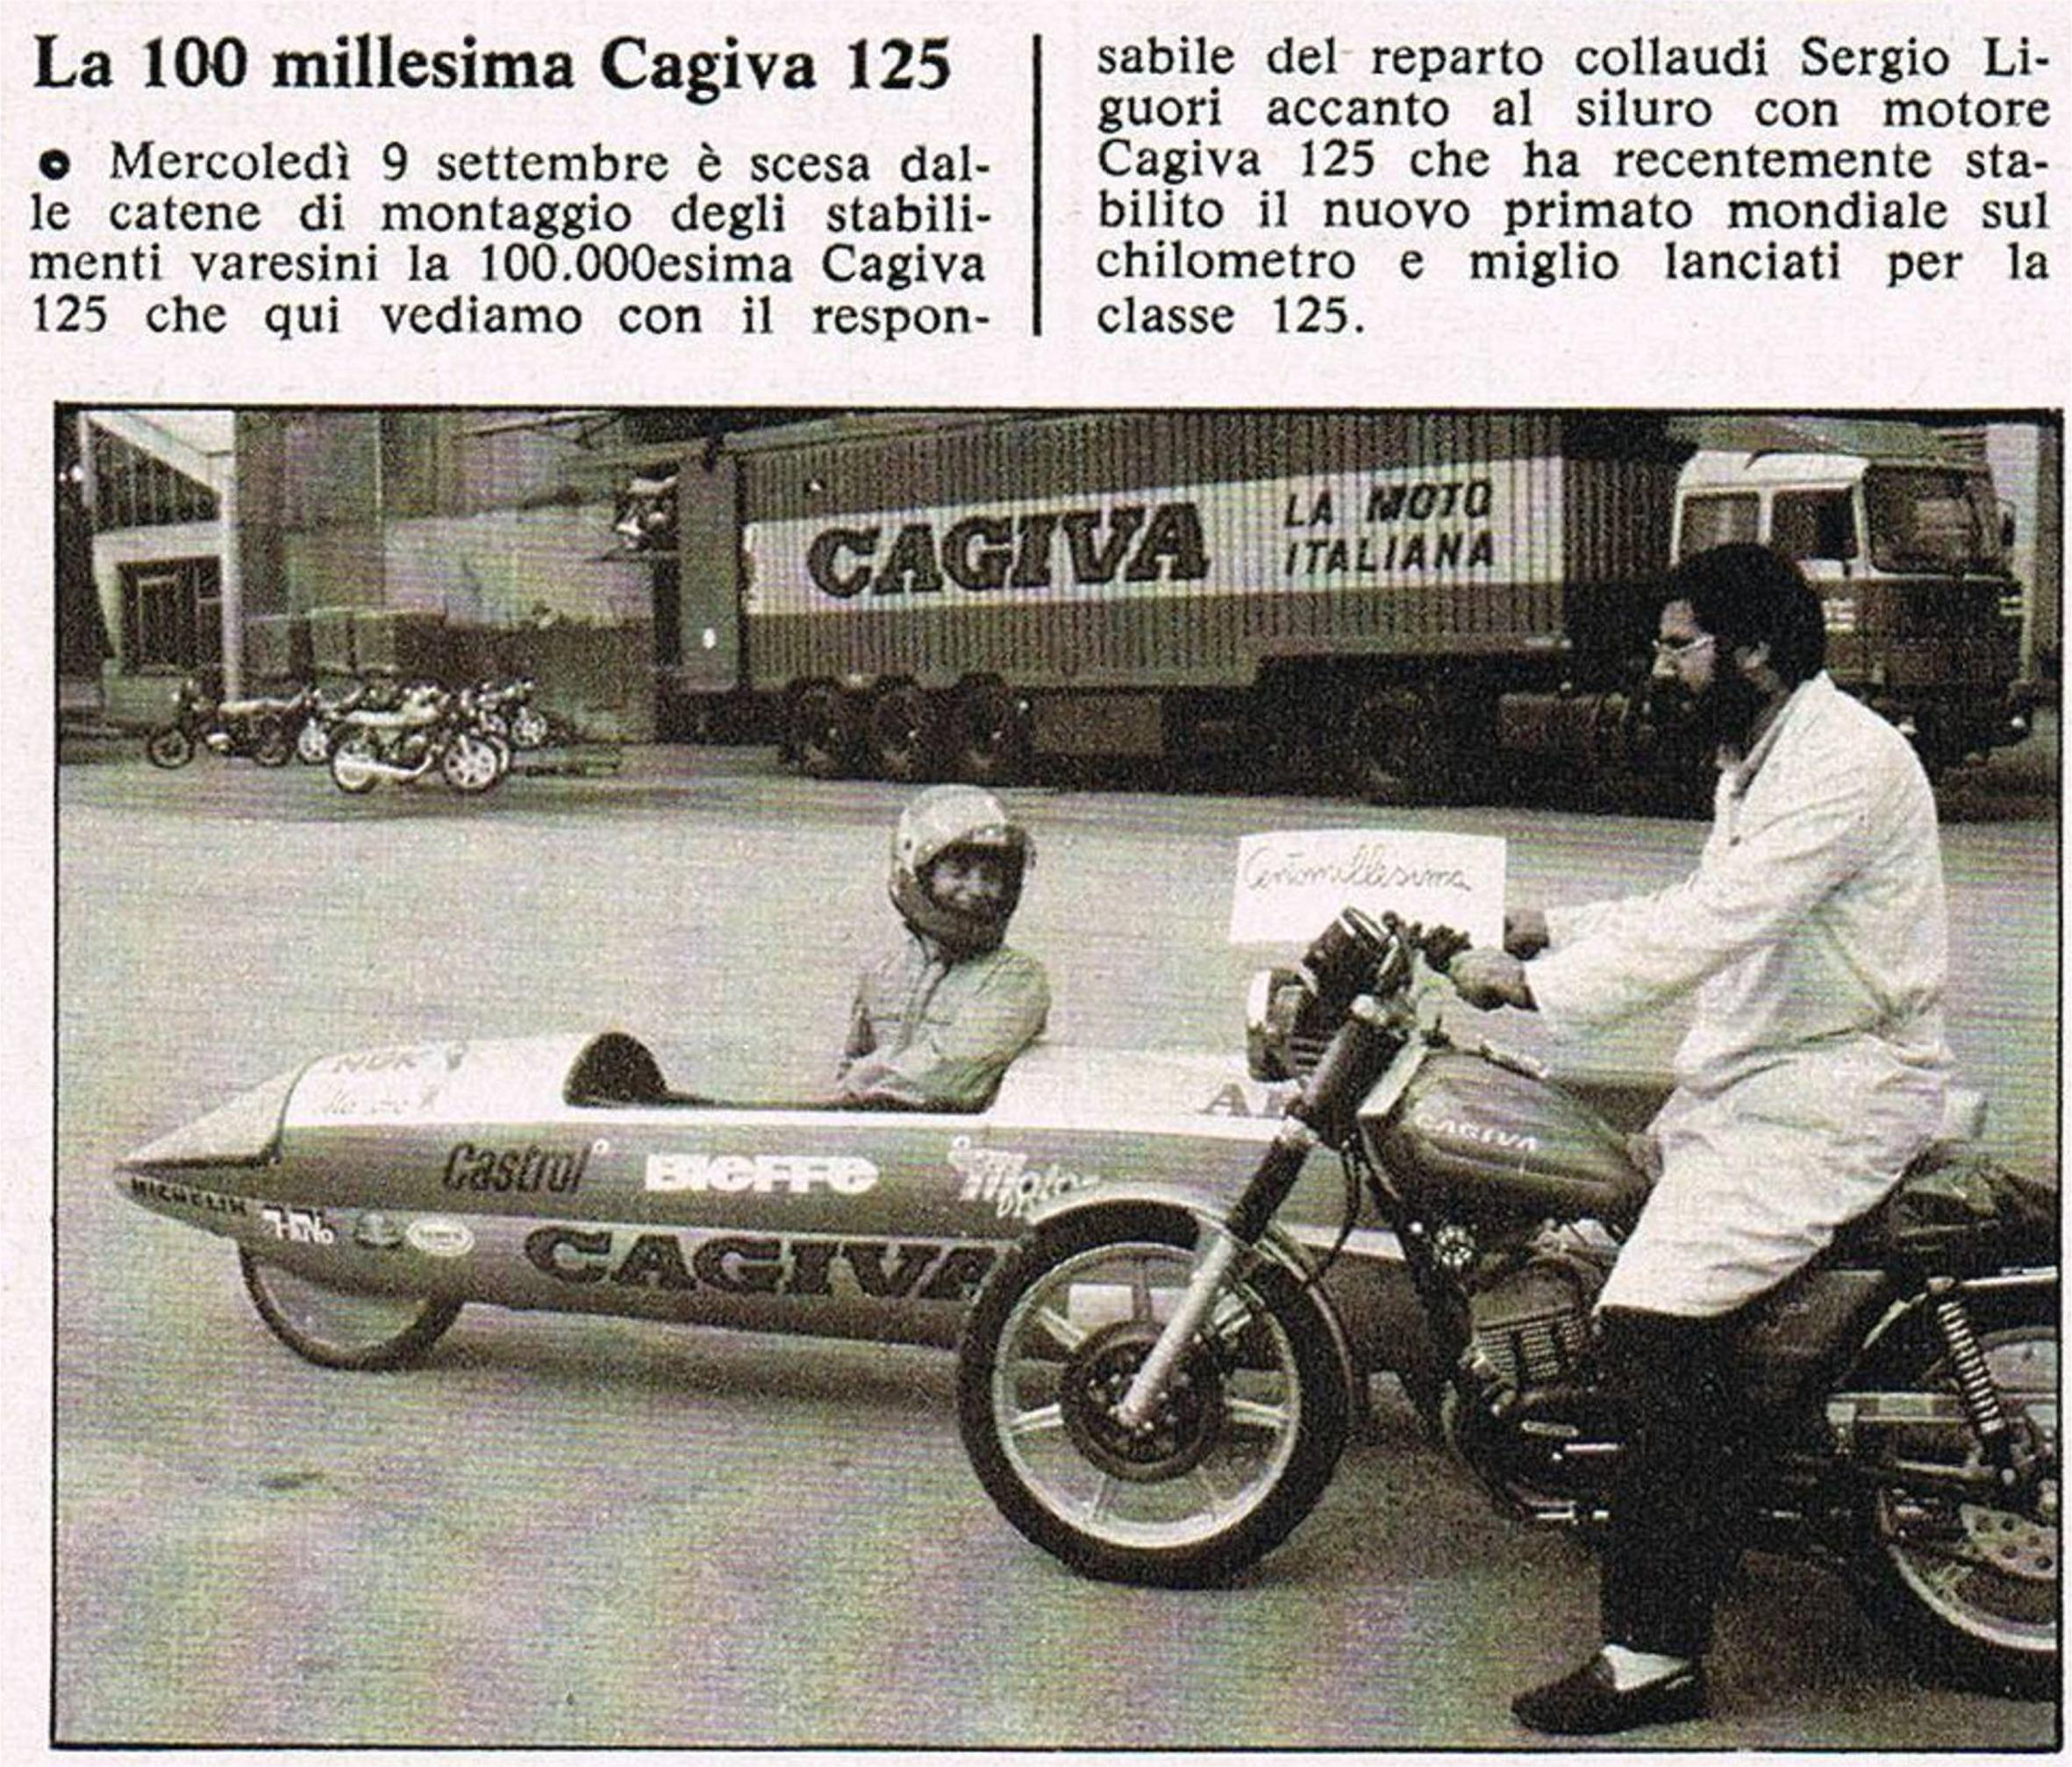 cagiva 125 sst vintage motorcycle 1980 rh sst125 altervista org